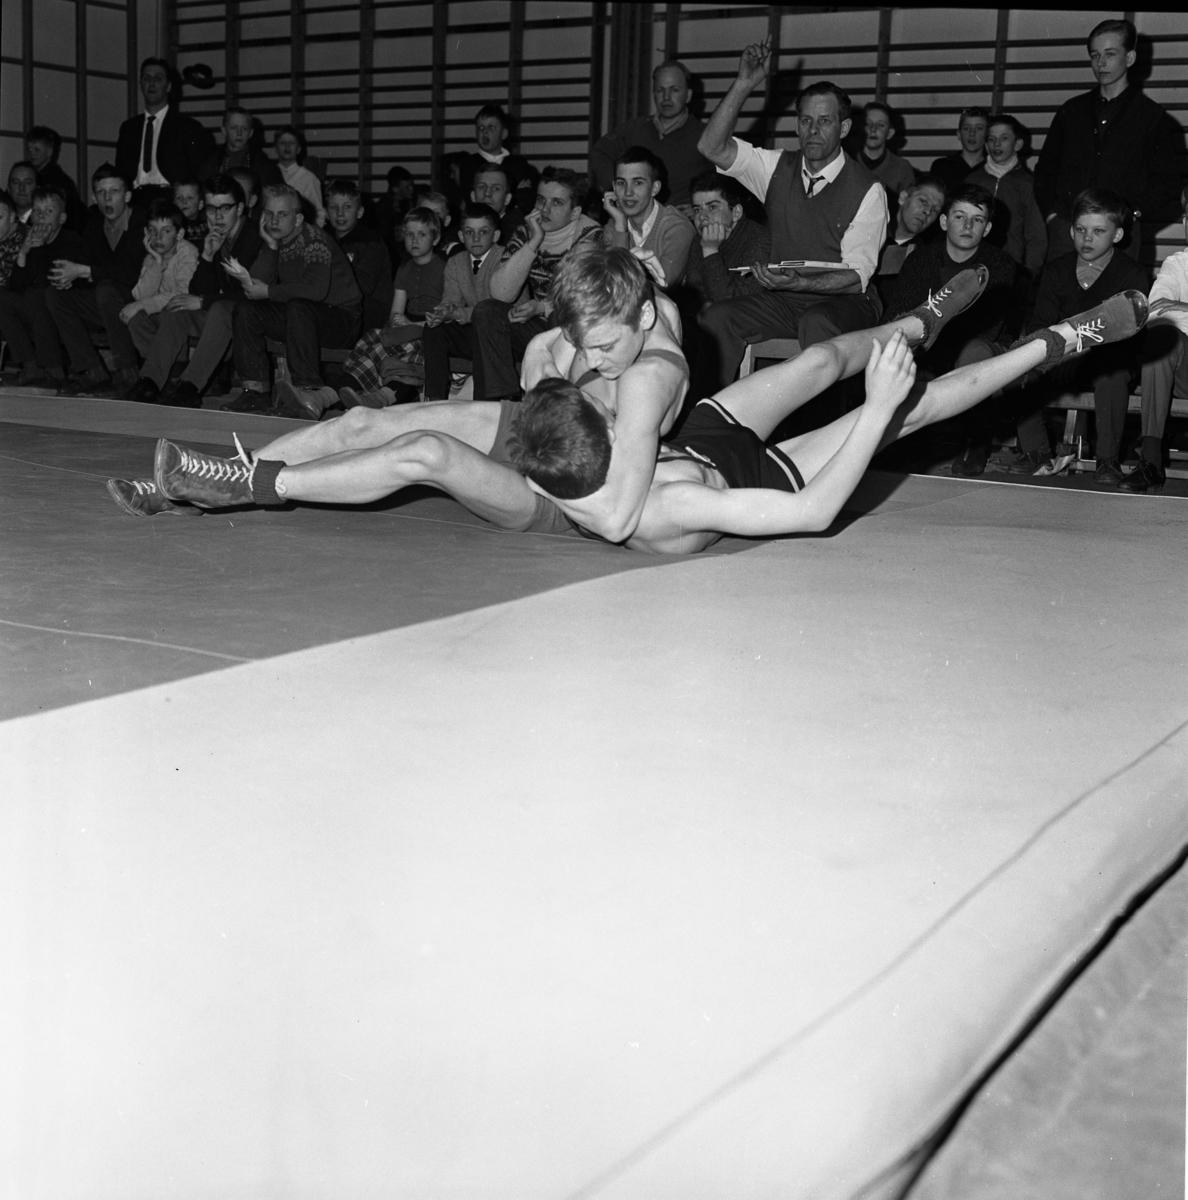 Ungdomsbrottning. Två brottare på mattan. Matchen äger rum i en gymnastiksal. Publiken sitter nedanför ribbstolarna.